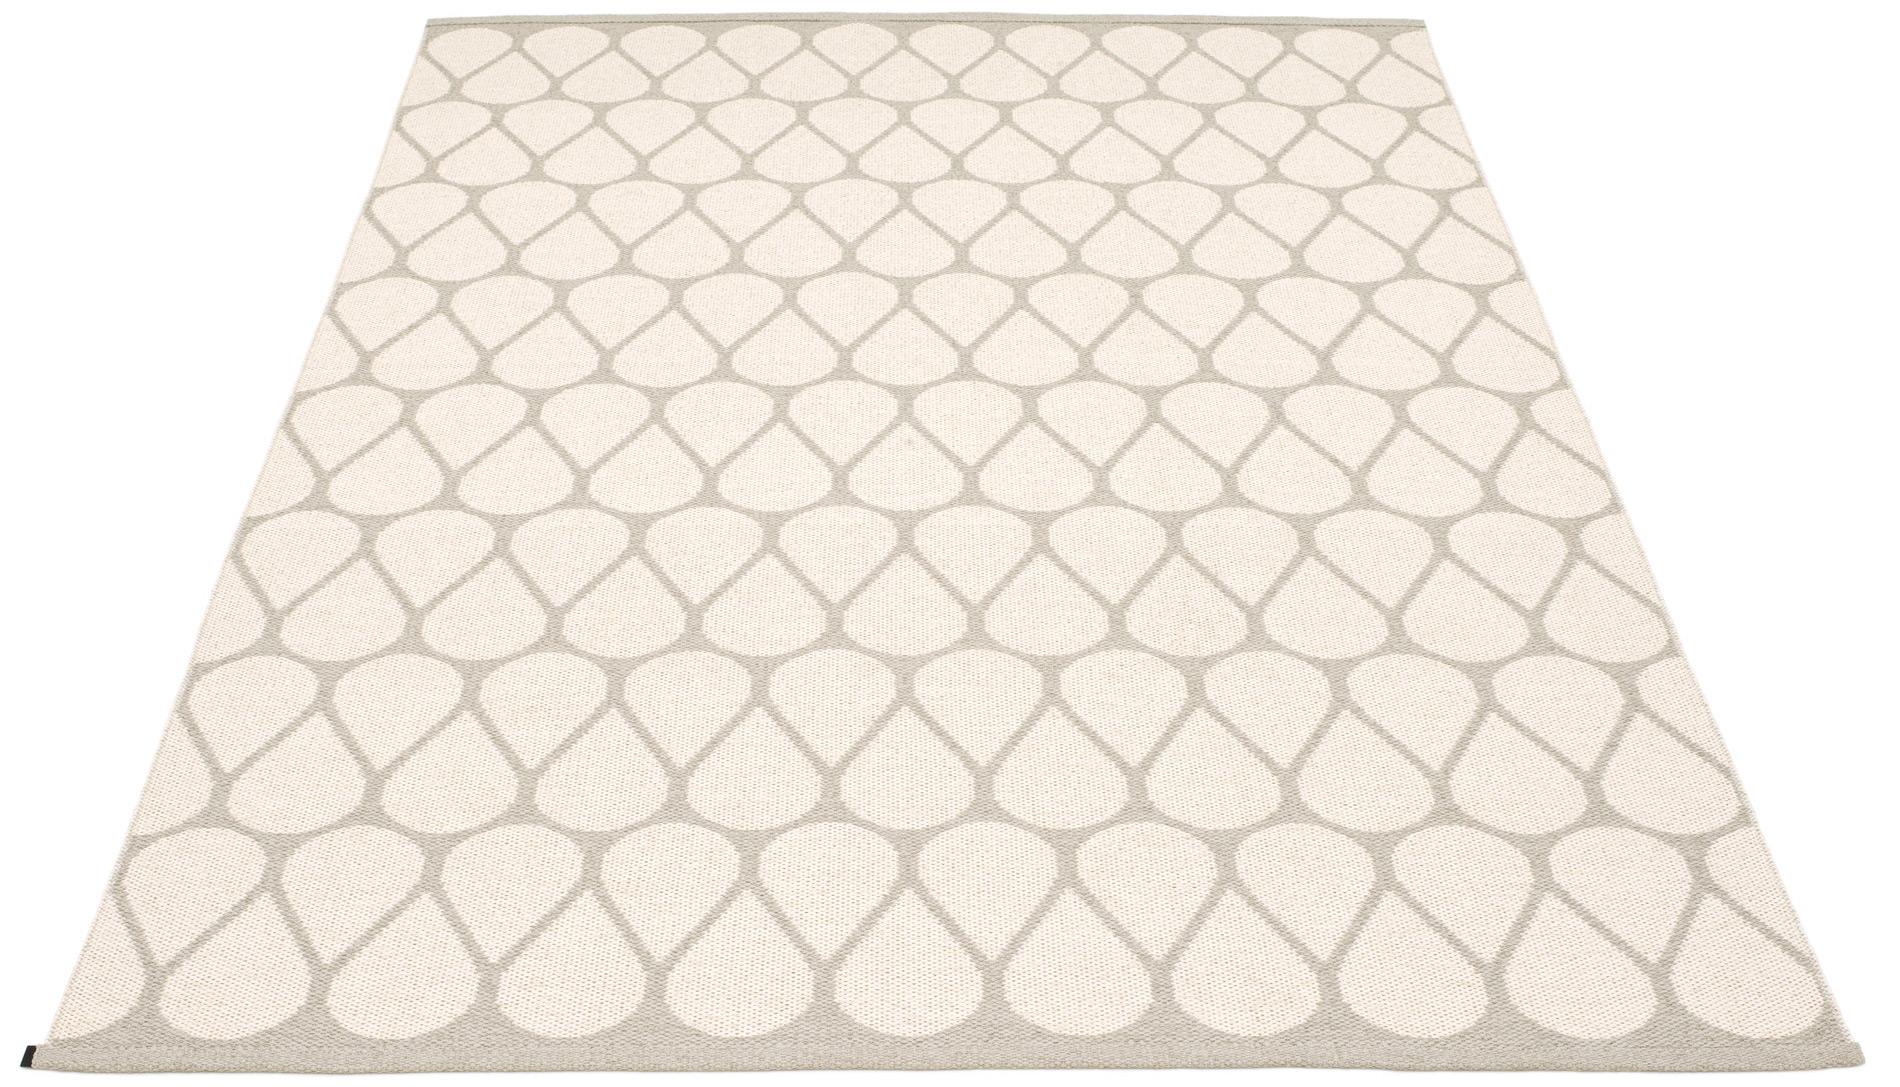 pappelina tapis grand format otis design lina rickardsson. Black Bedroom Furniture Sets. Home Design Ideas